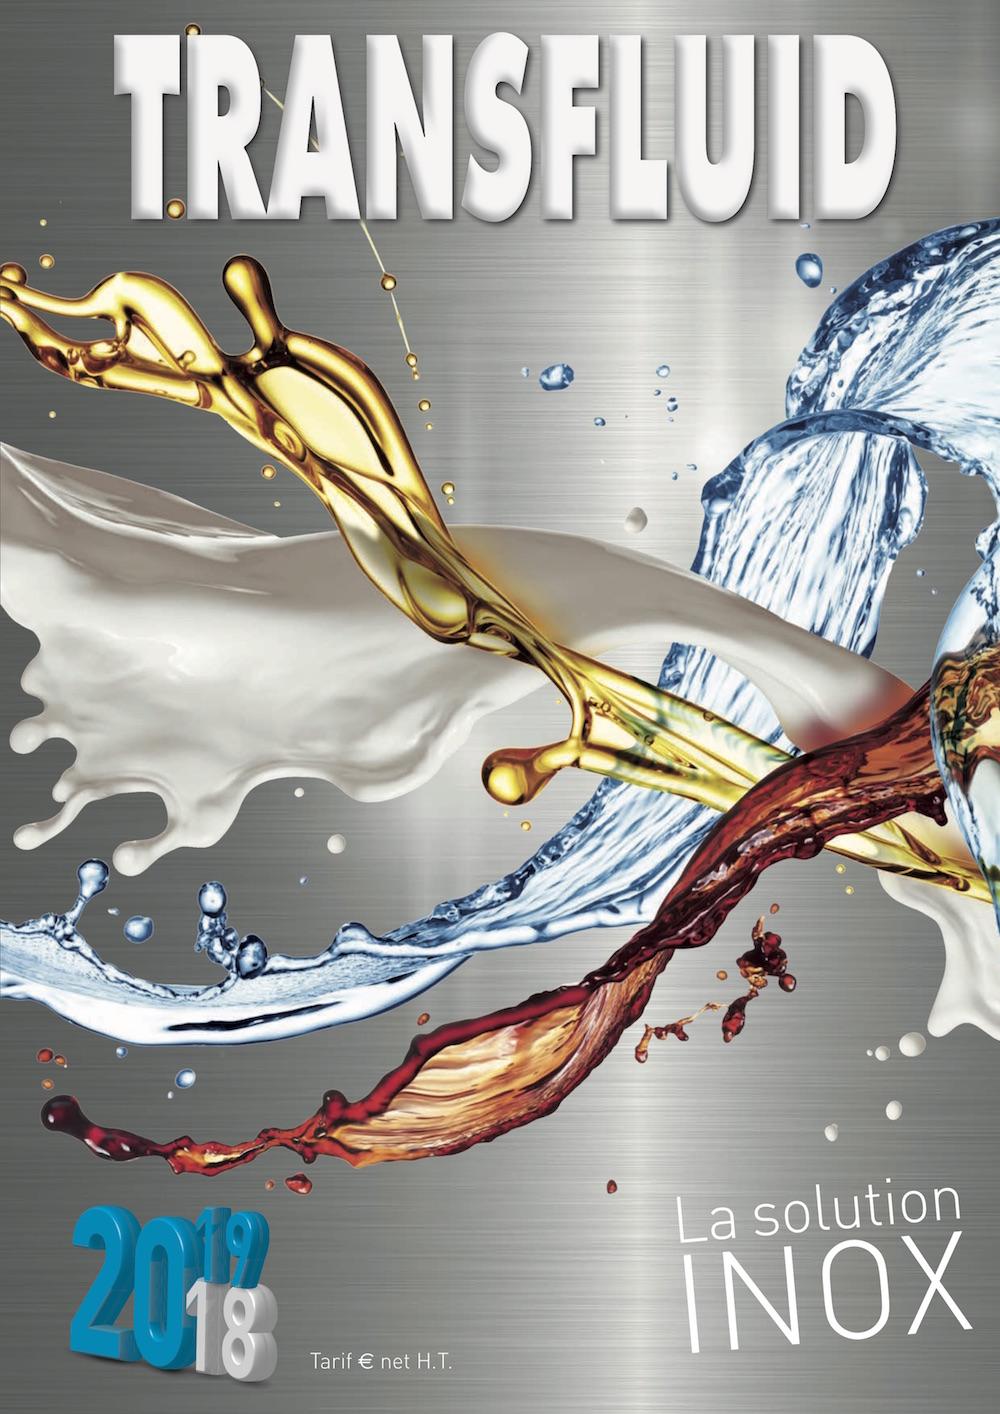 Transfluid-2018-web.jpg